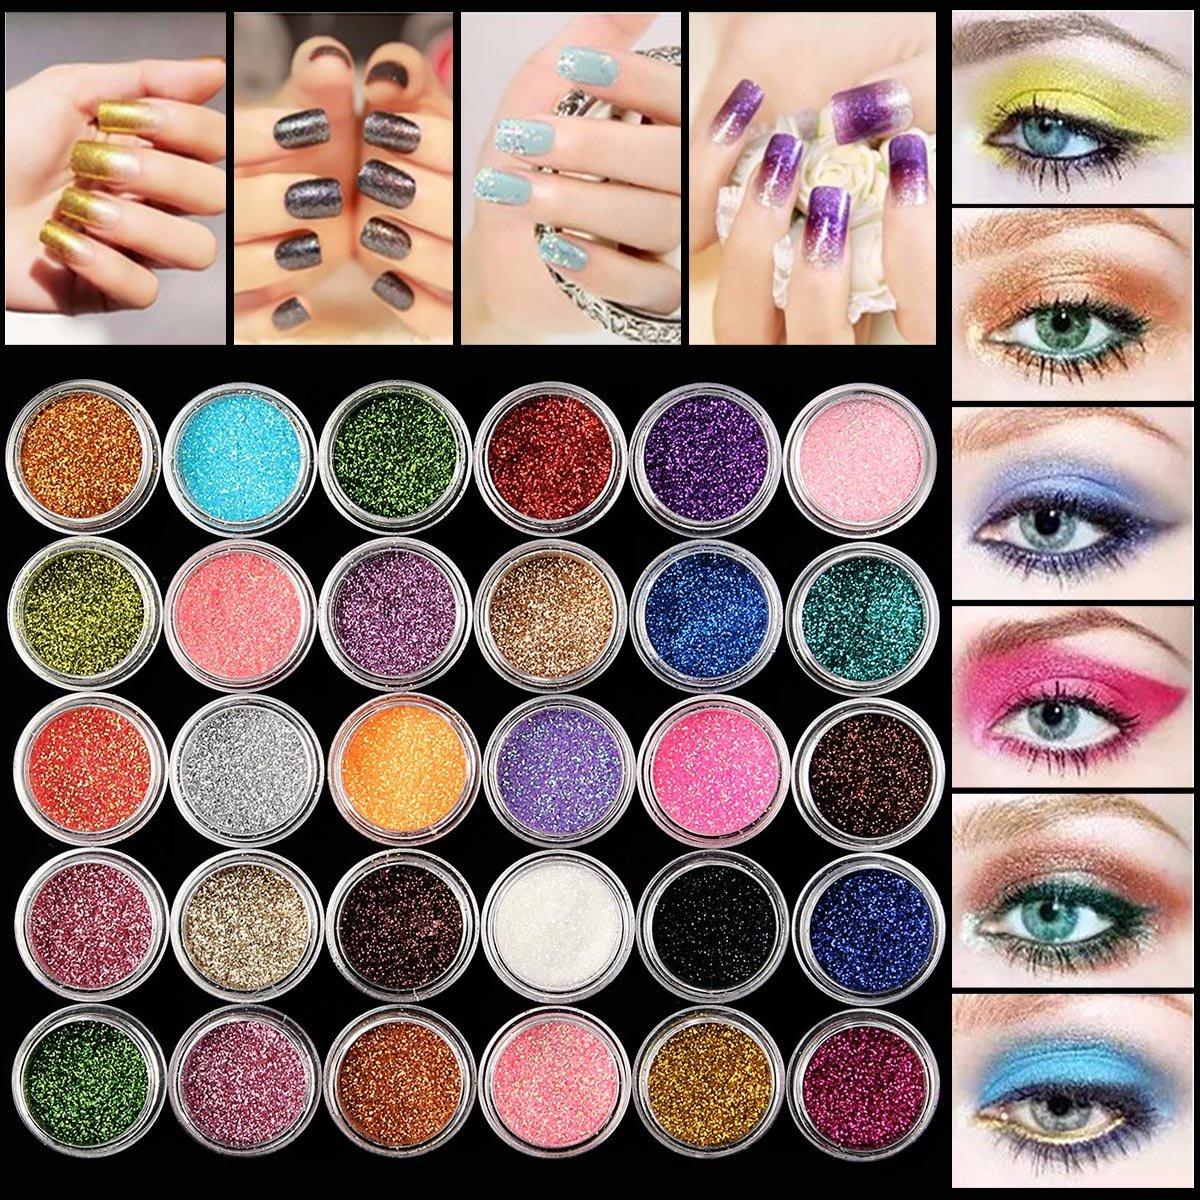 30 Colori Ombretti, LuckyFine Naturali Professionali Ombretti Cosmetico Tavolozza per Trucco Occhi Colore Causale